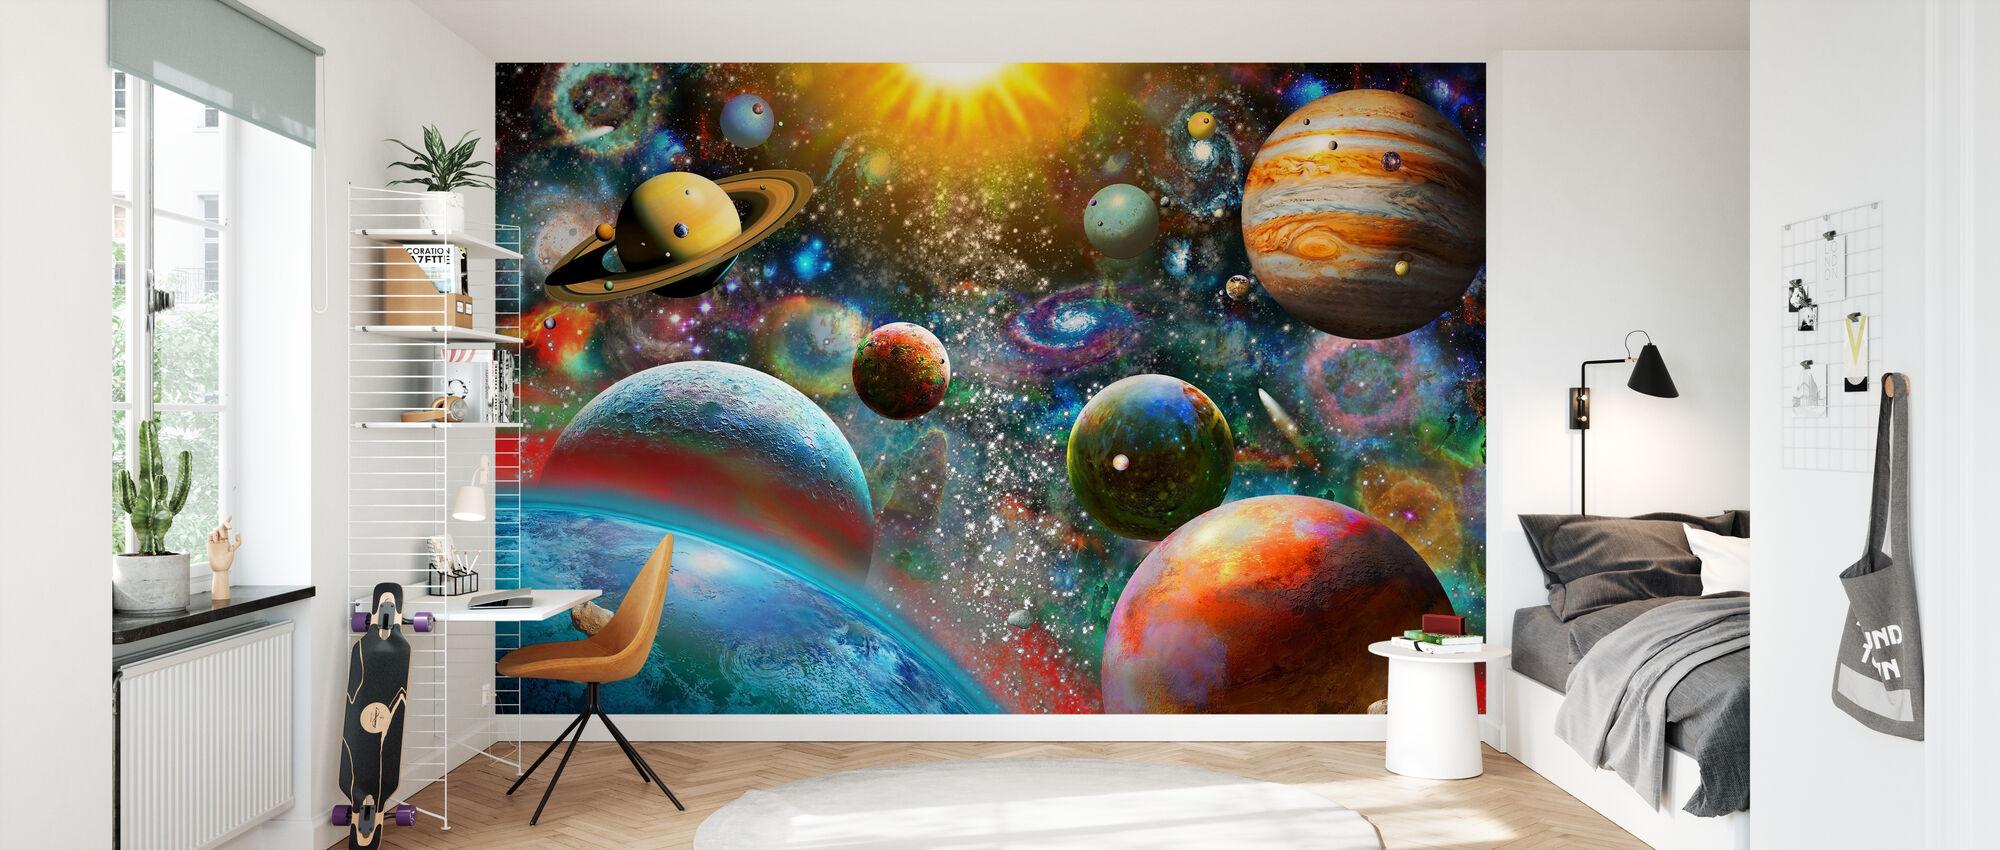 Firmament - Wallpaper - Kids Room